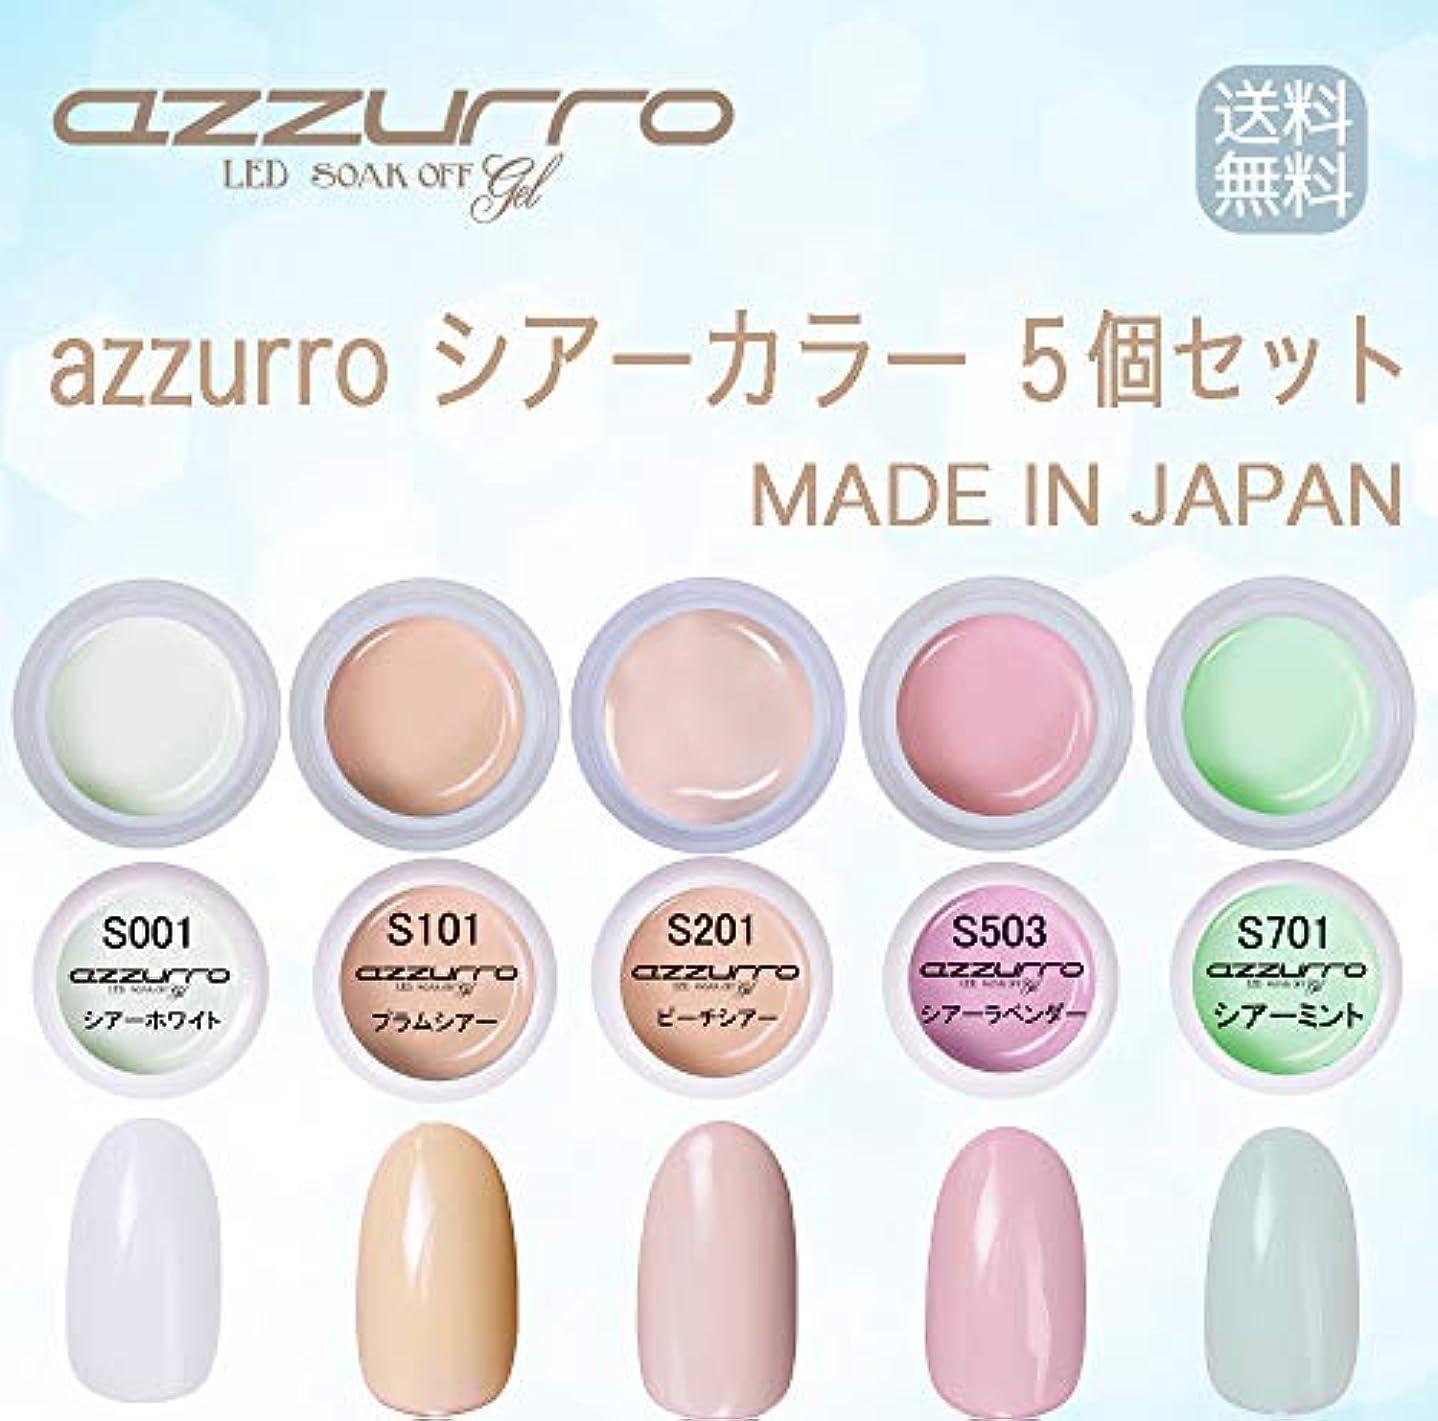 平方征服するノベルティ【送料無料】日本製 azzurro gel シアー カラージェル5個セット グラデーションにもピッタリなカラー